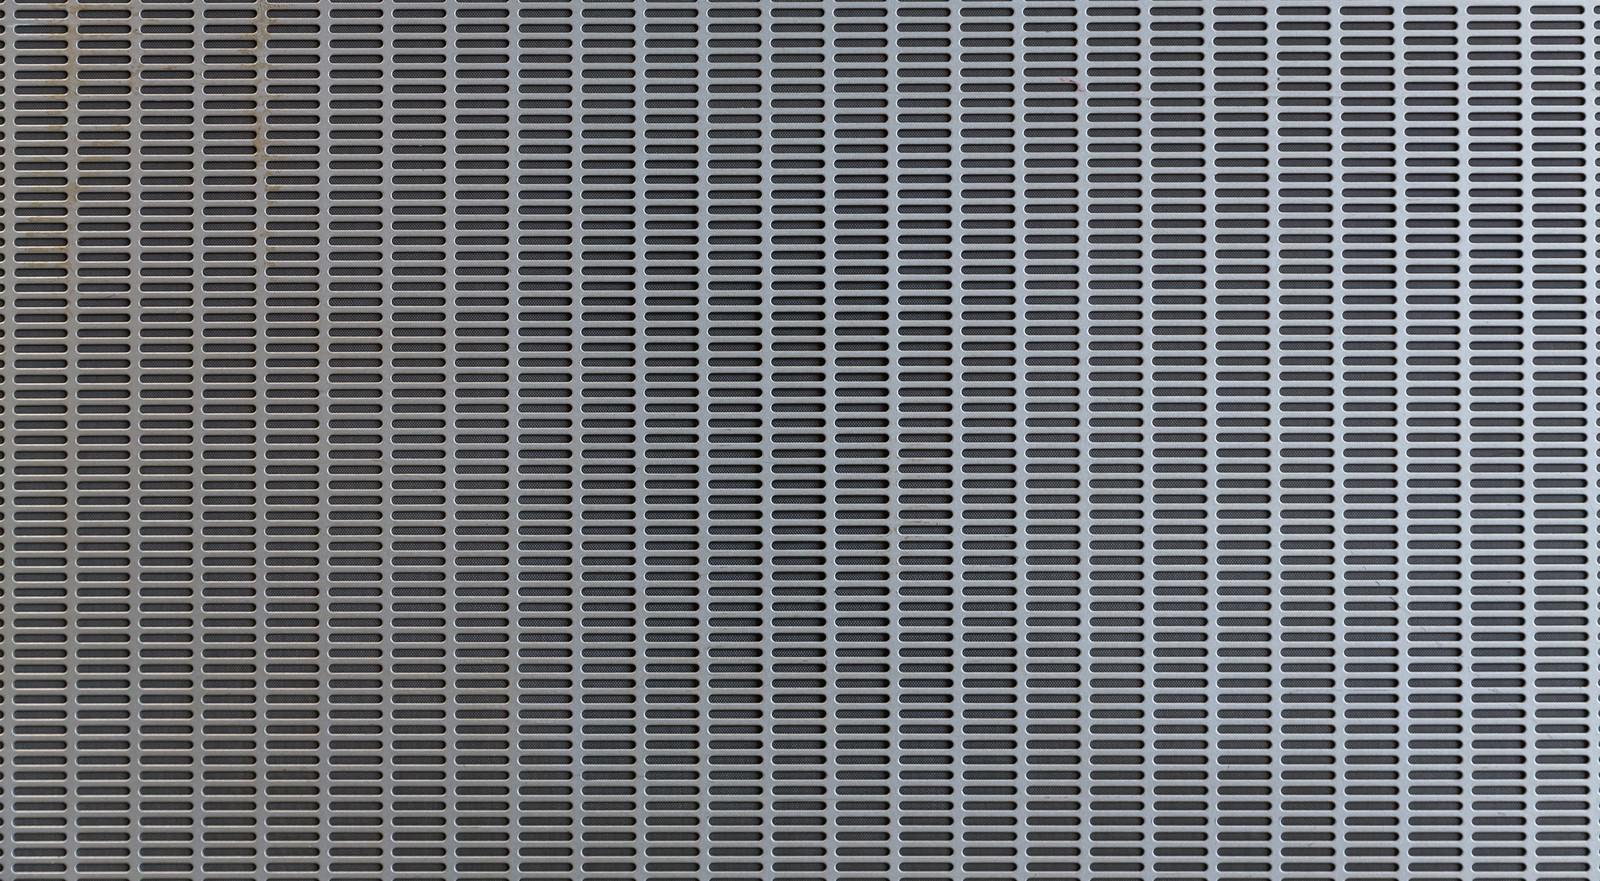 「室外機の排気部分室外機の排気部分」のフリー写真素材を拡大